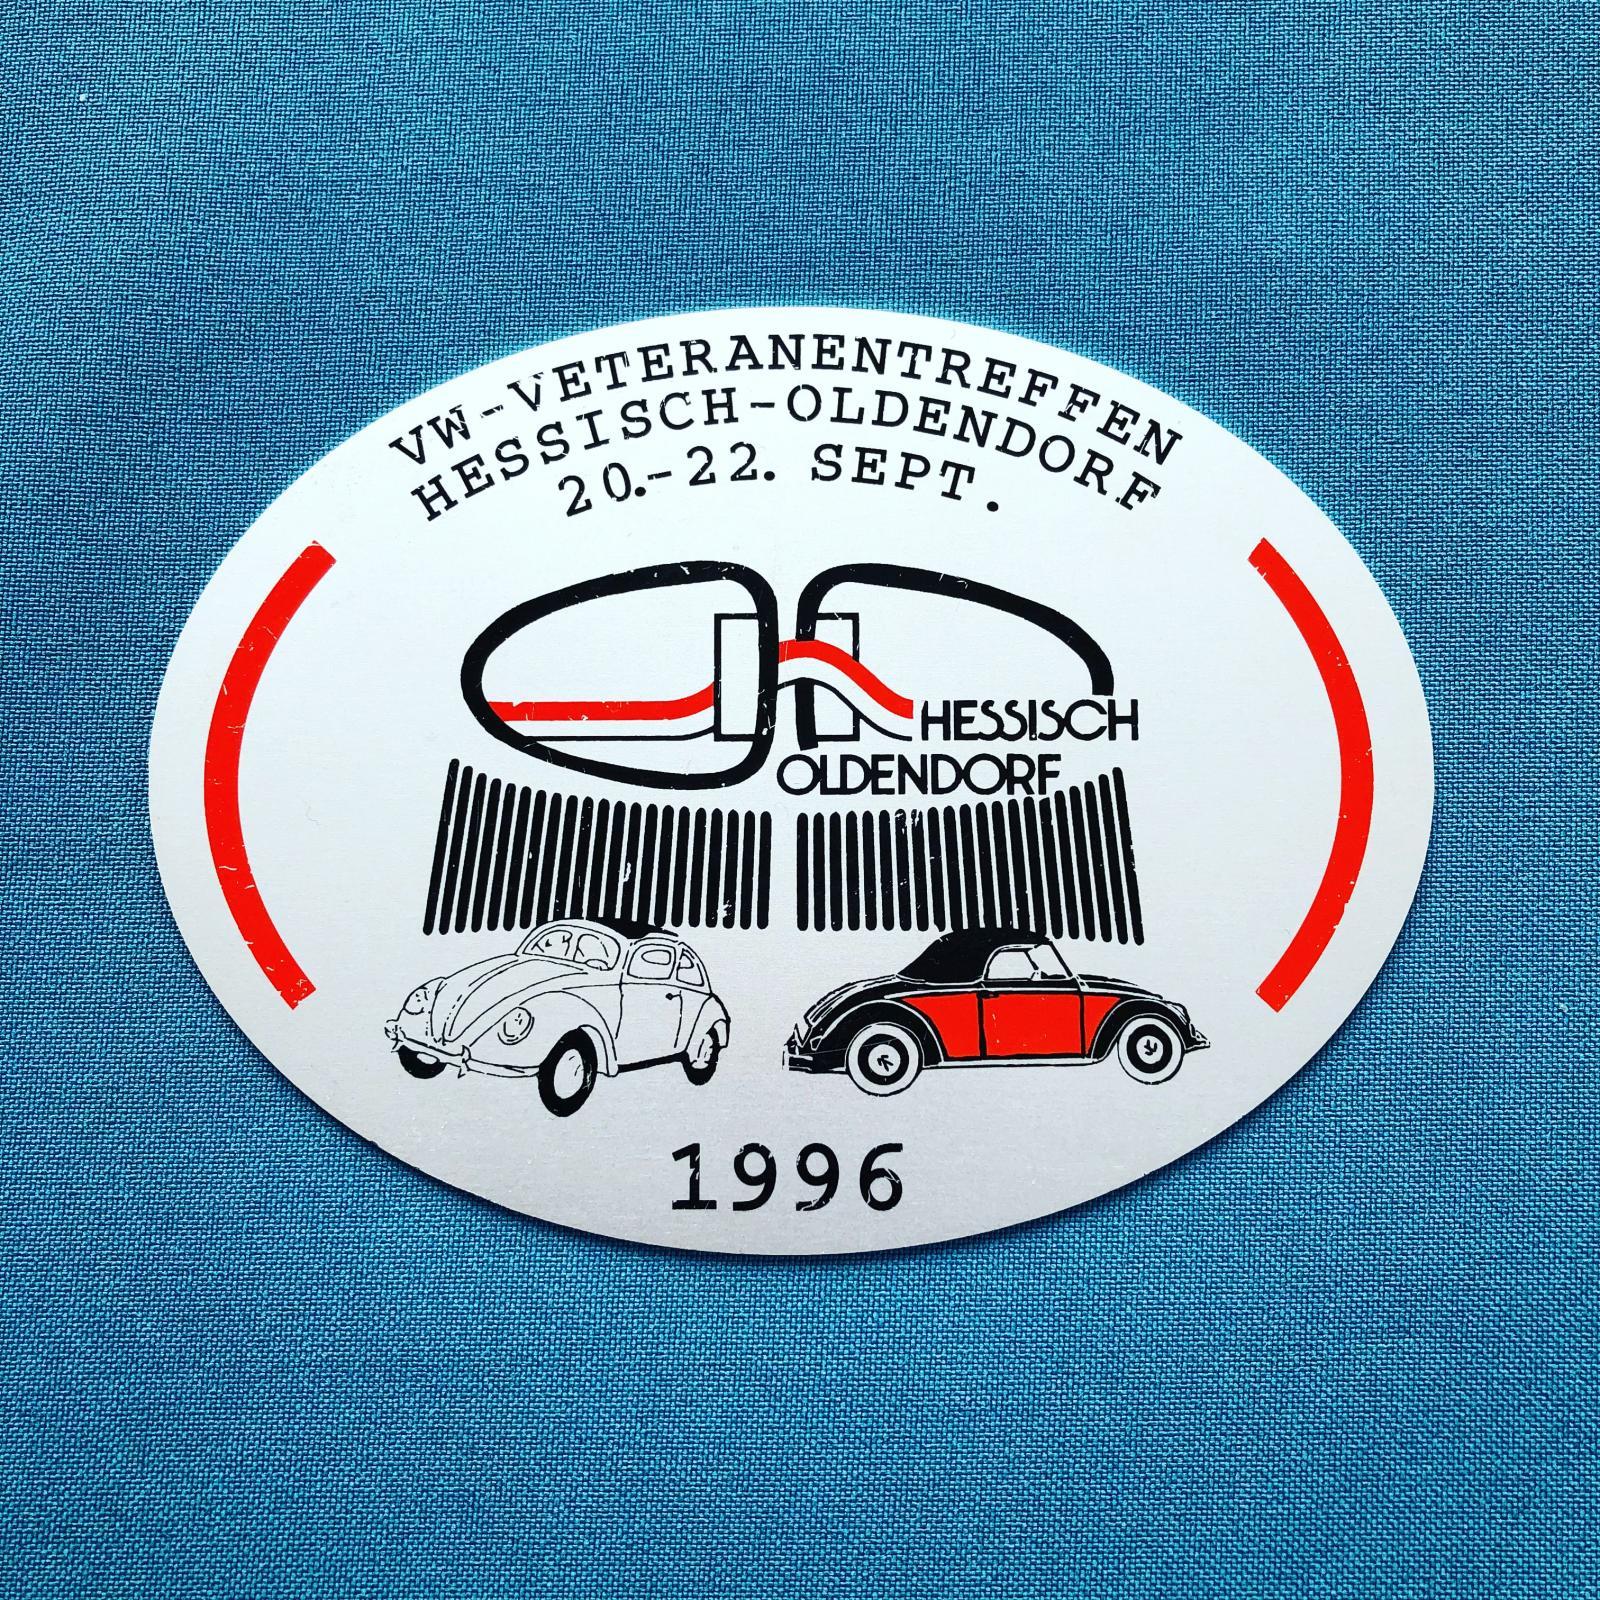 First Hessisch Oldendorf was in 1996